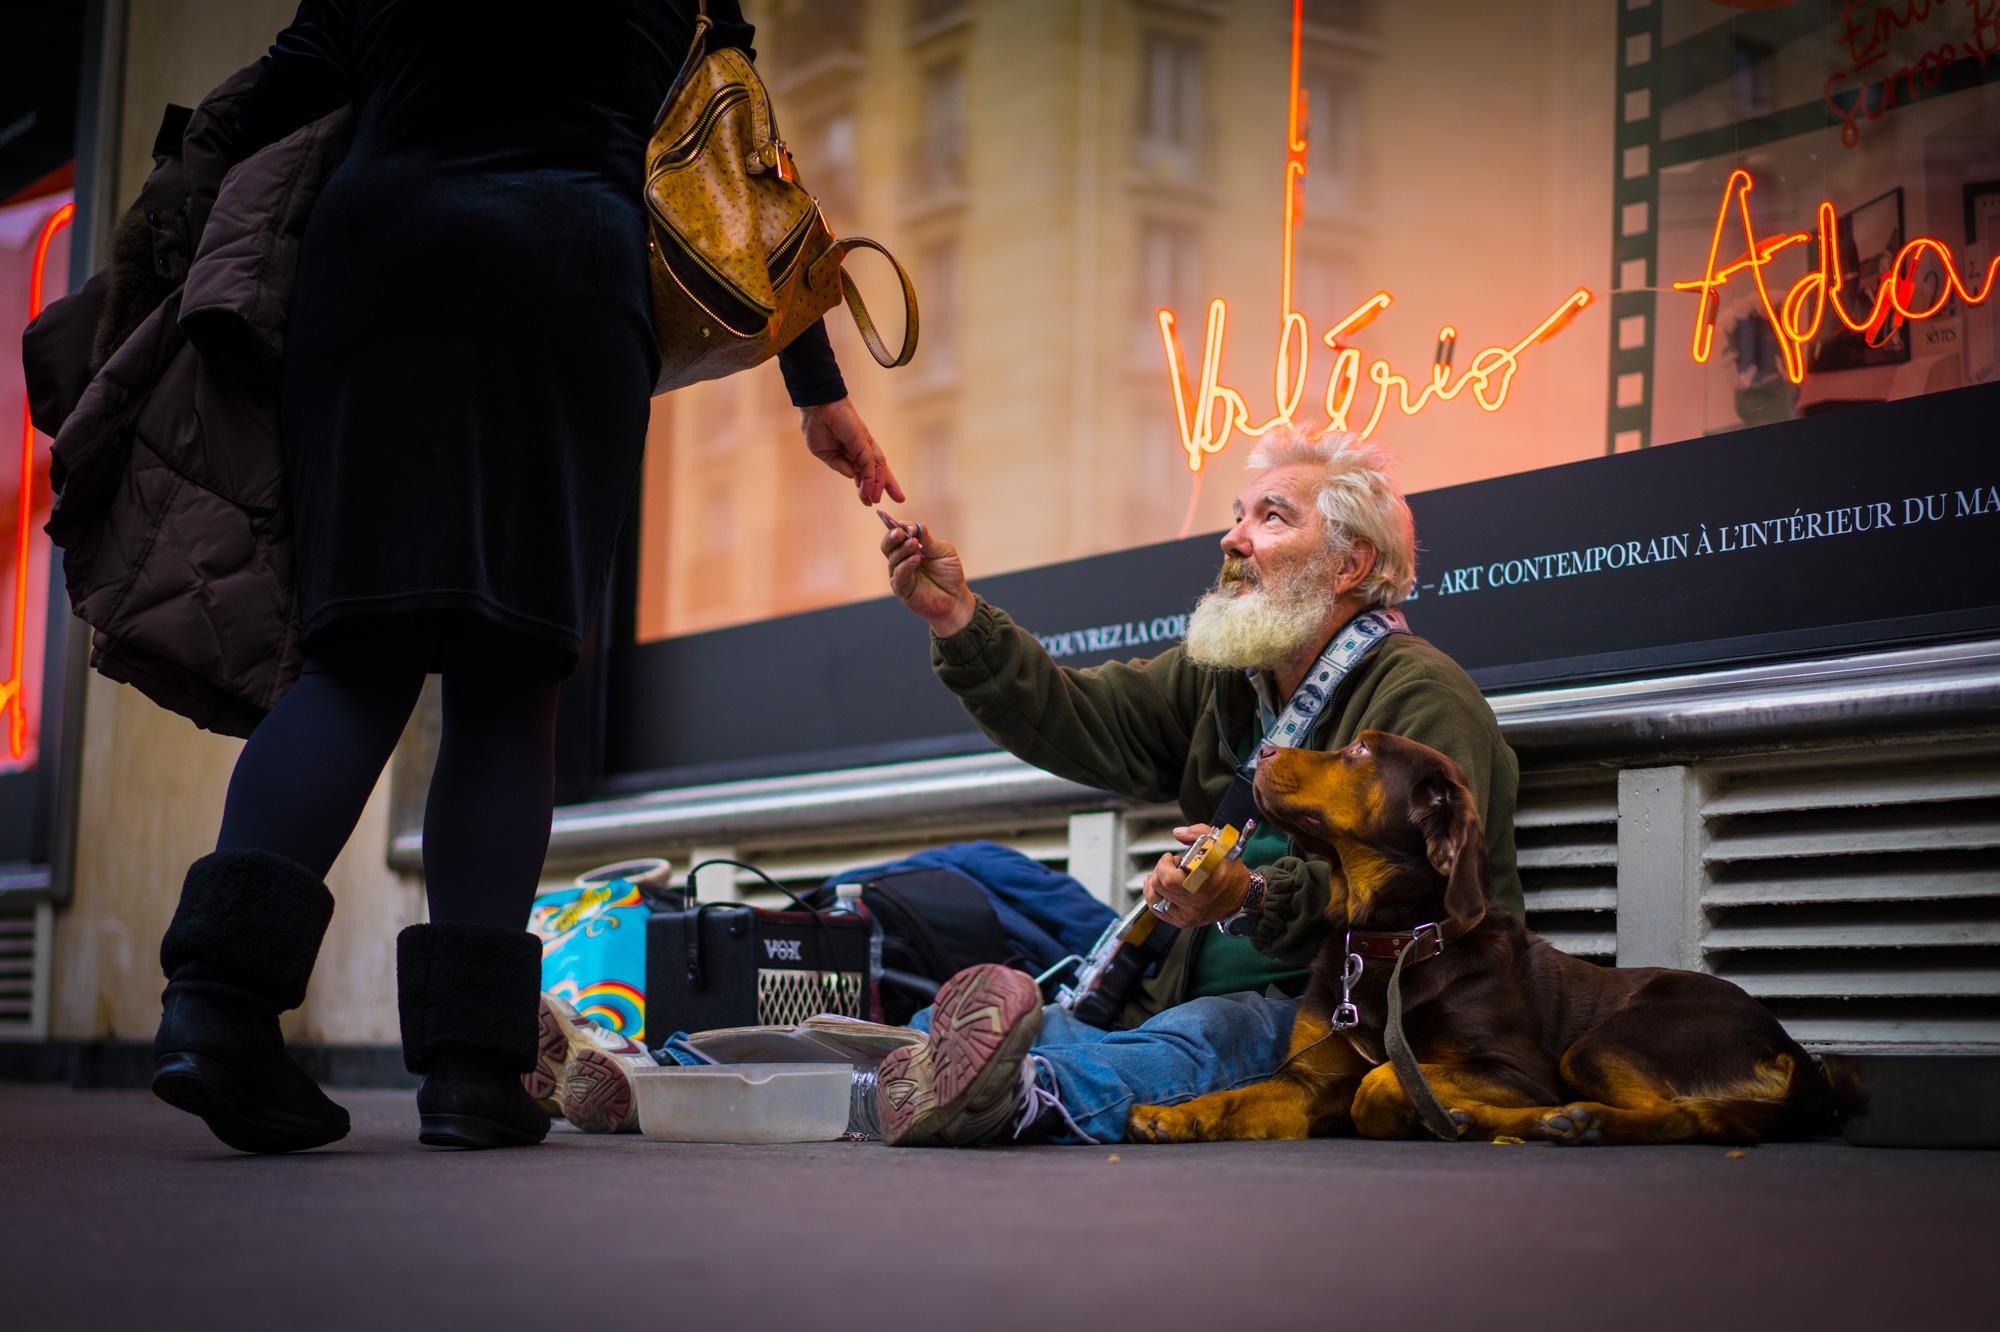 Morador de Rua com seu cão - Paris